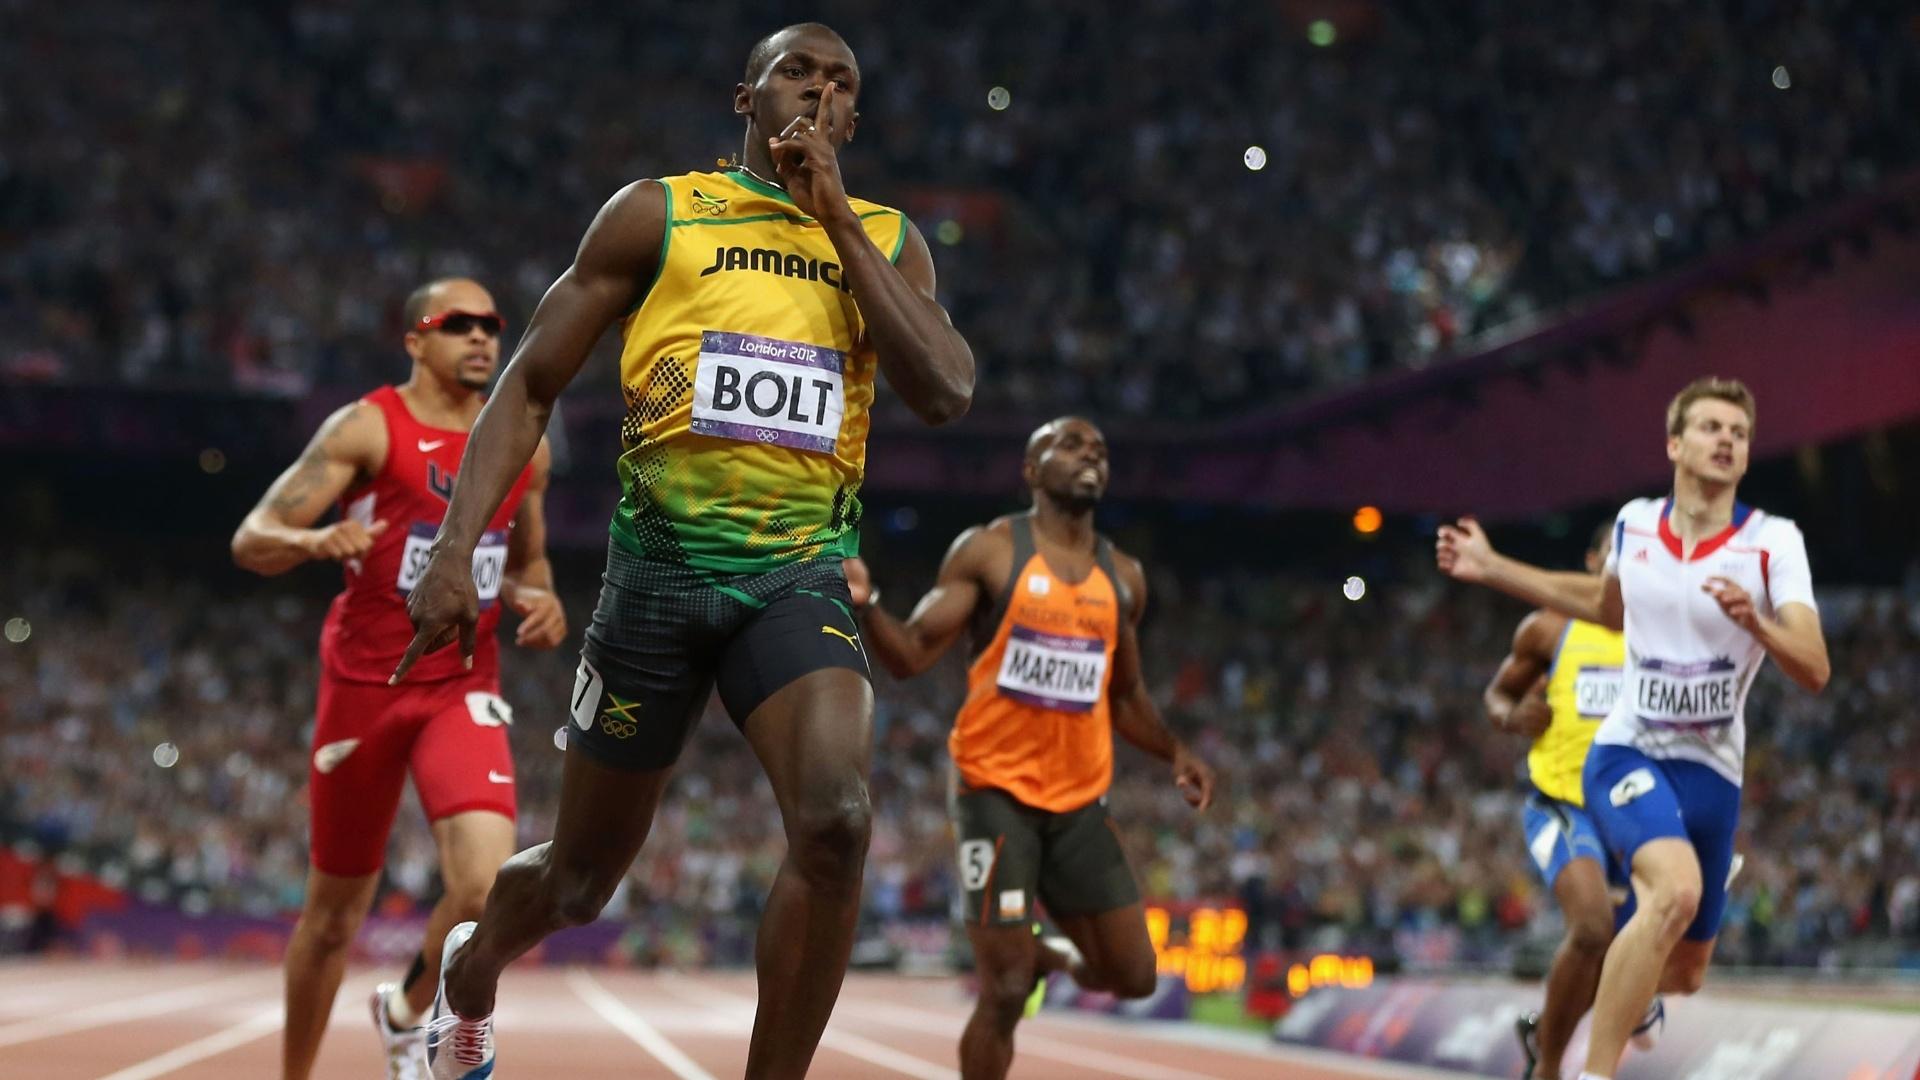 Jamaicano Usain Bolt cruza a linha de chegada em primeiro e conquista o bicampeonato olímpico nos 200 m (09/08/2012)